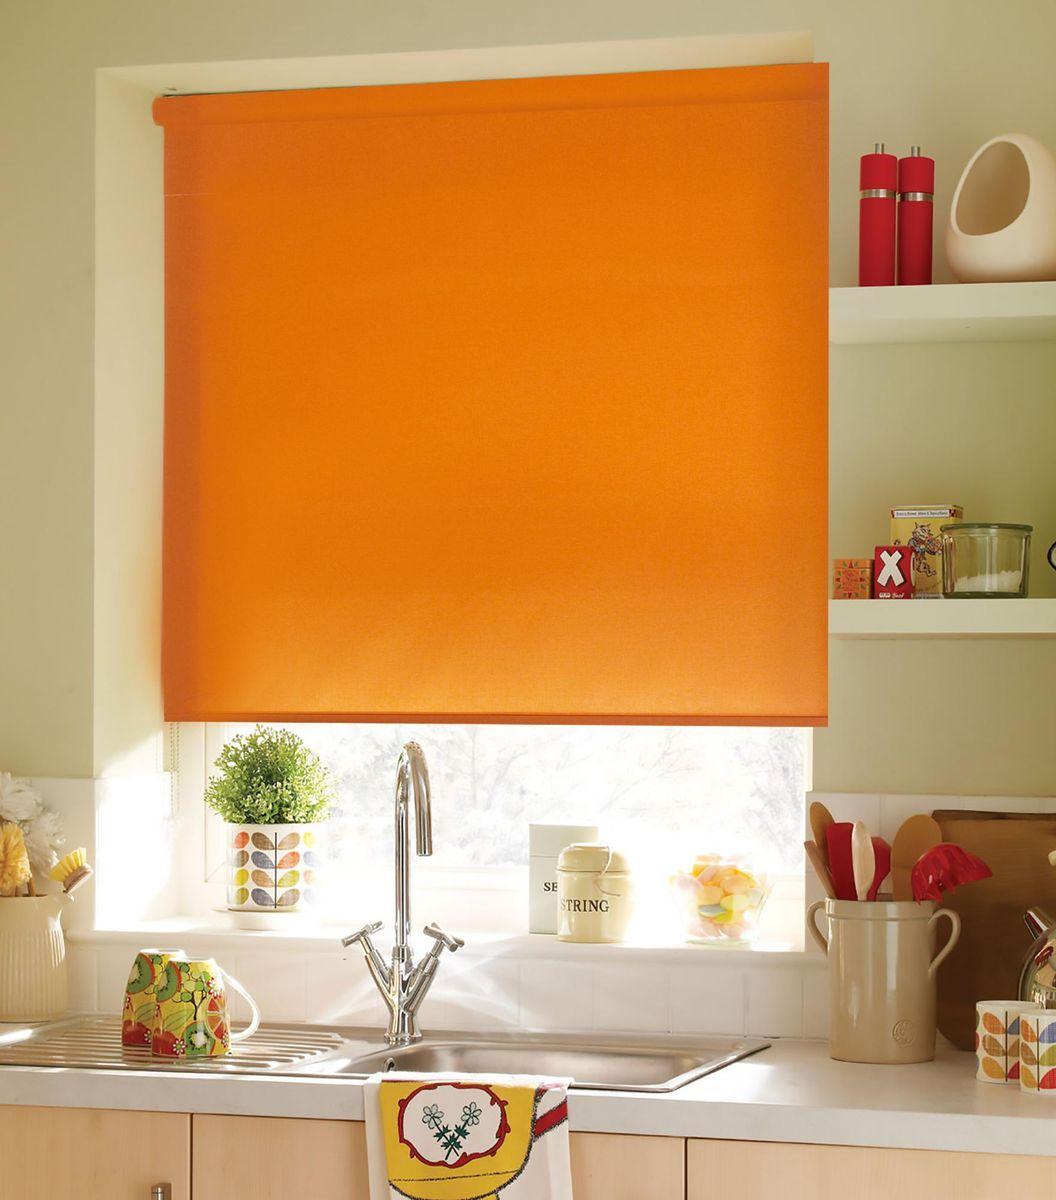 Штора рулонная Эскар, цвет: апельсиновый, ширина 80 см, высота 170 см81203080170Рулонными шторами можно оформлять окна как самостоятельно, так и использовать в комбинации с портьерами. Это поможет предотвратить выгорание дорогой ткани на солнце и соединит функционал рулонных с красотой навесных. Преимущества применения рулонных штор для пластиковых окон: - имеют прекрасный внешний вид: многообразие и фактурность материала изделия отлично смотрятся в любом интерьере; - многофункциональны: есть возможность подобрать шторы способные эффективно защитить комнату от солнца, при этом о на не будет слишком темной. - Есть возможность осуществить быстрый монтаж. ВНИМАНИЕ! Размеры ширины изделия указаны по ширине ткани! Во время эксплуатации не рекомендуется полностью разматывать рулон, чтобы не оторвать ткань от намоточного вала. В случае загрязнения поверхности ткани, чистку шторы проводят одним из способов, в зависимости от типа загрязнения: легкое поверхностное загрязнение можно удалить при помощи...